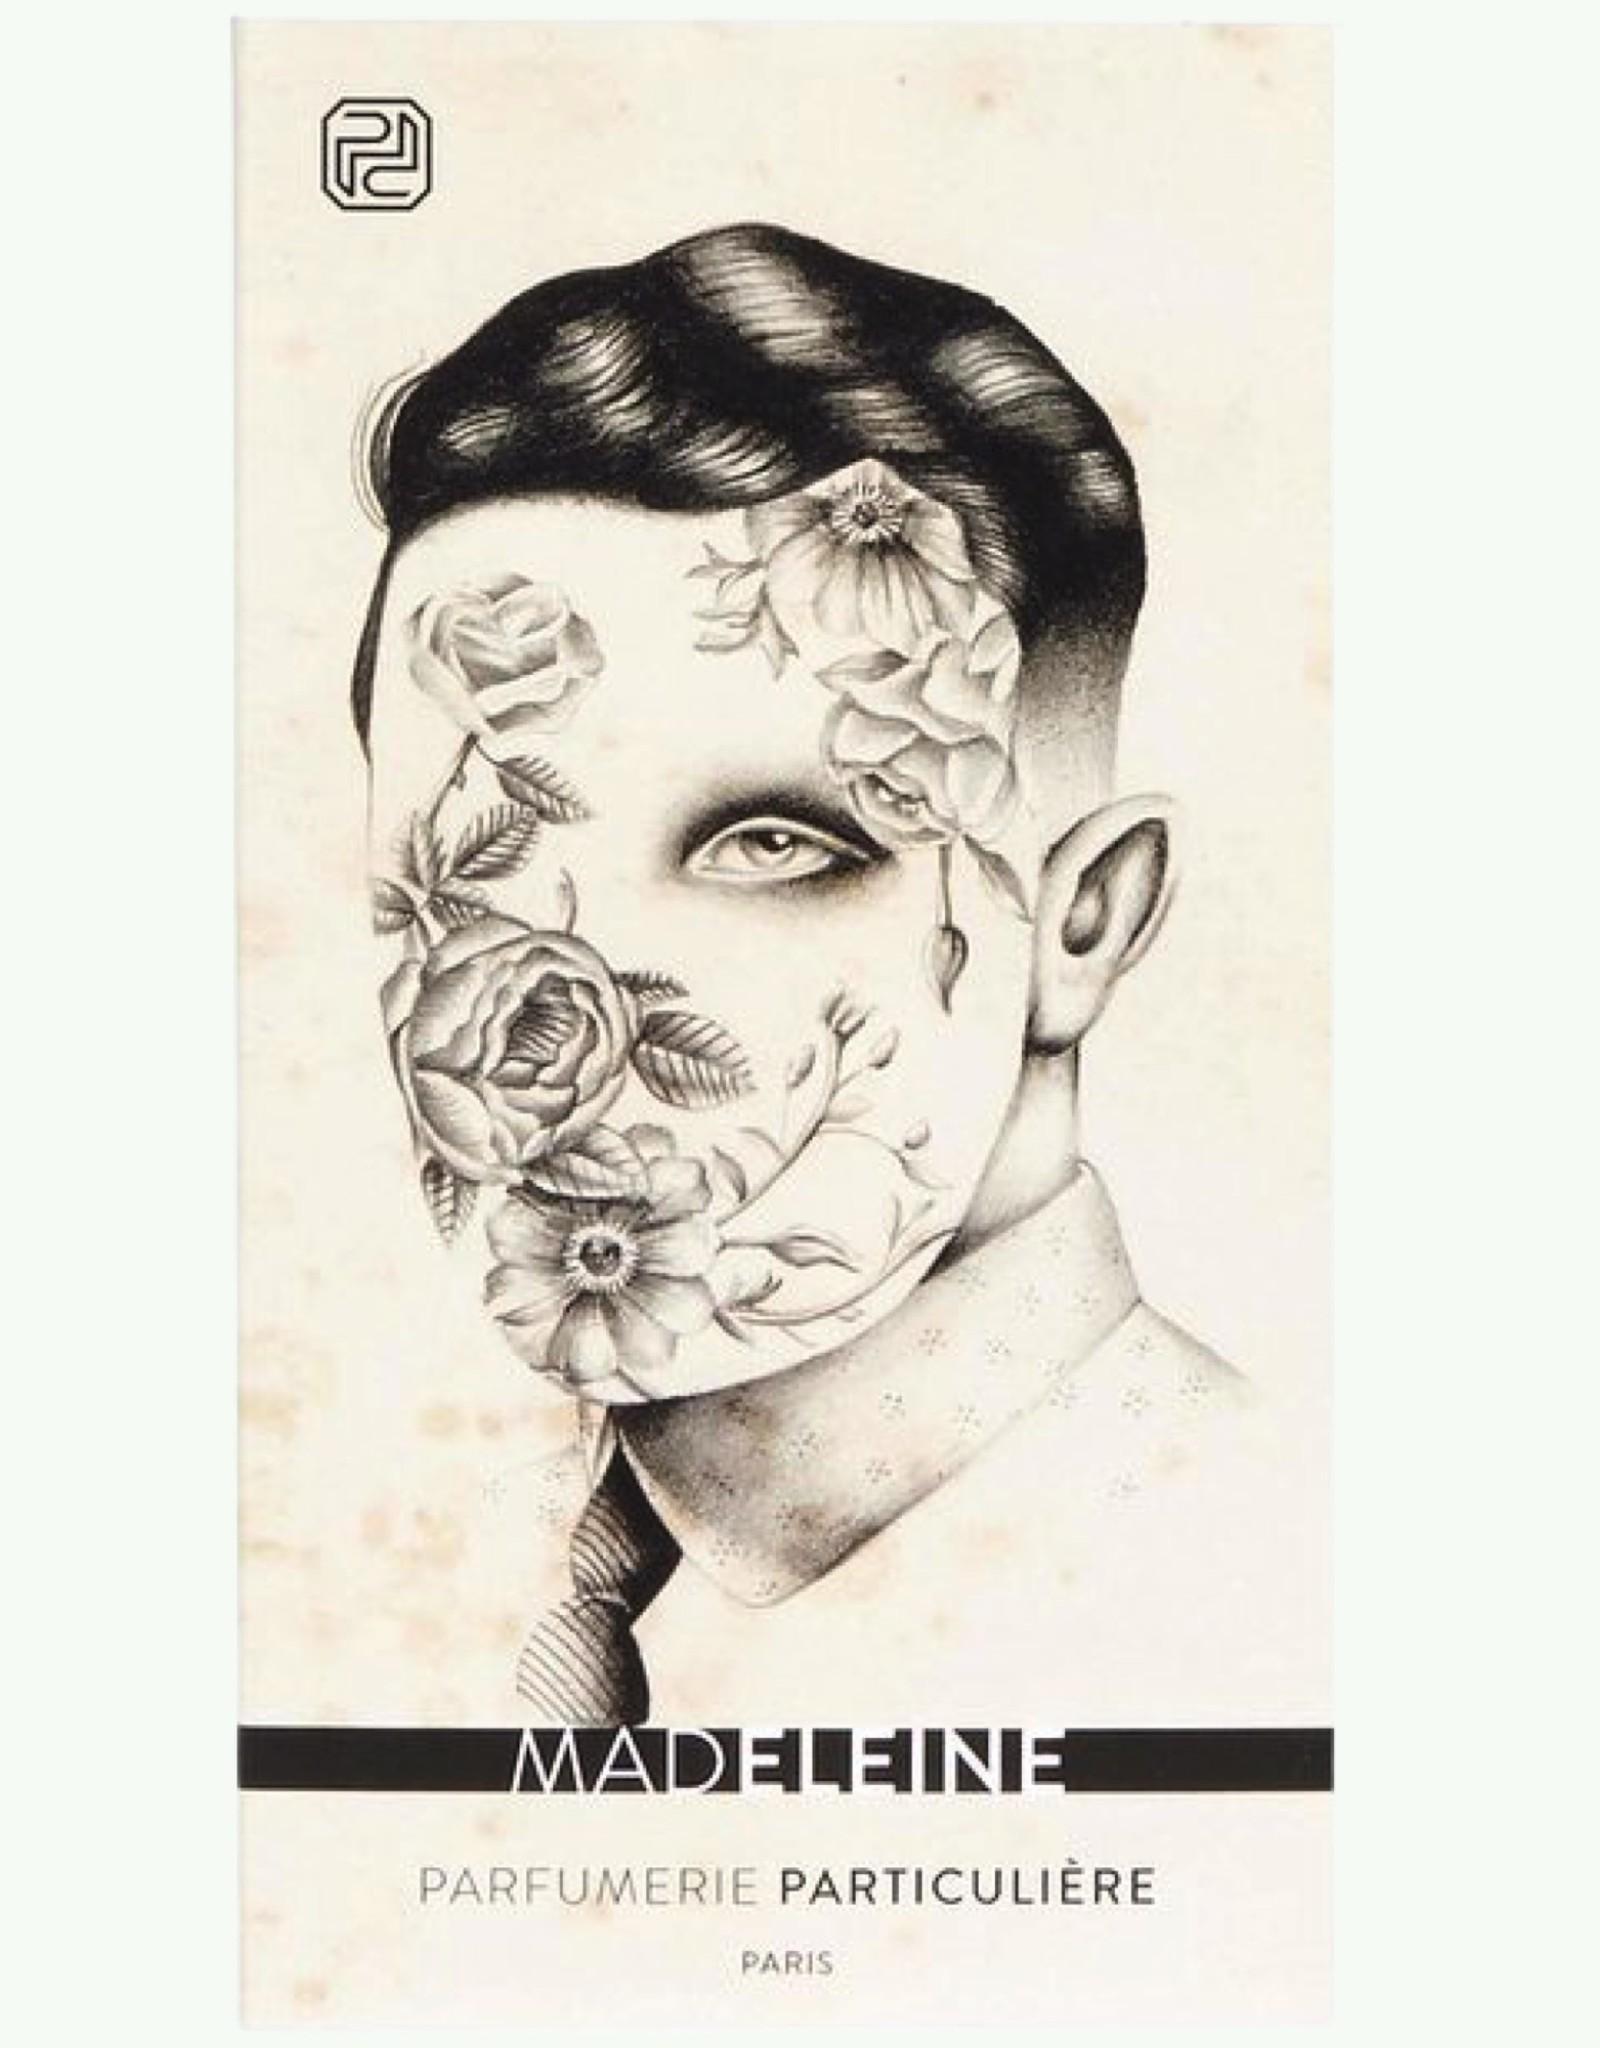 Parfumerie Particulière Parfumerie Particulière - Madeleine - Extrait de Parfum